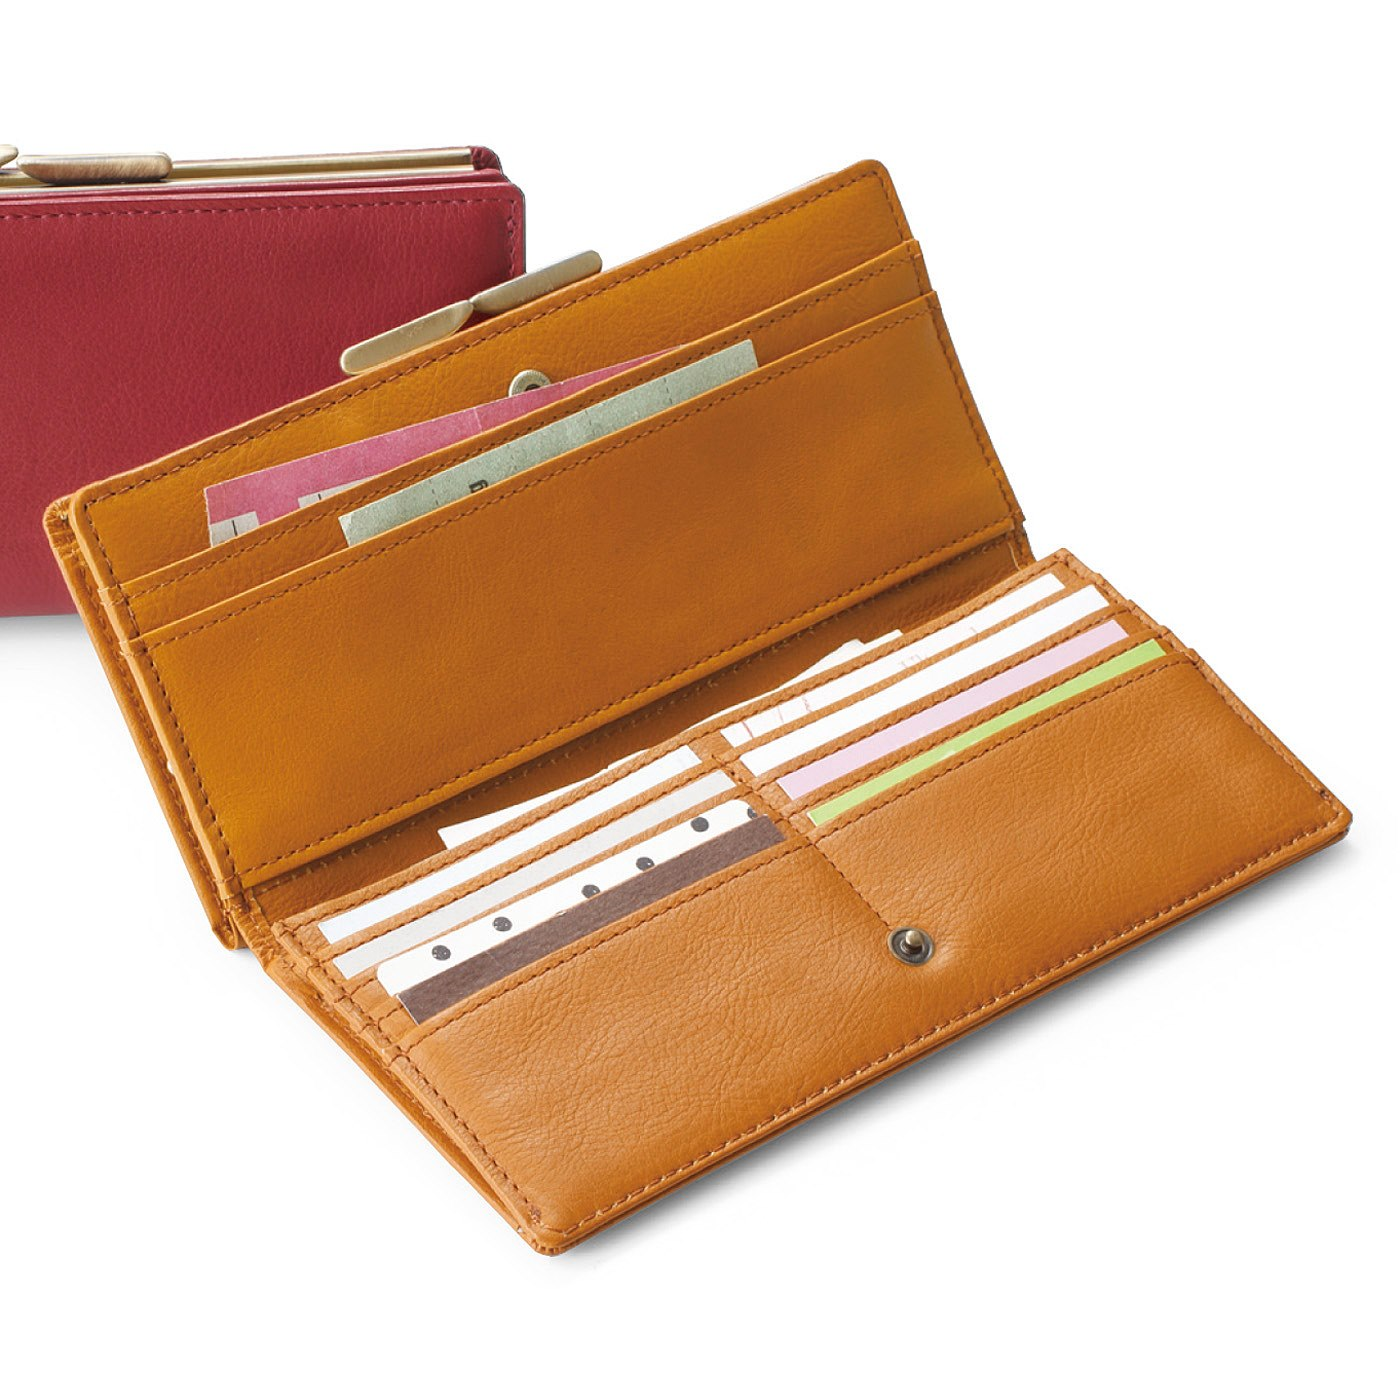 2(キャメル) フラップ側には、カードポケット8個と大きめポケットが3つ。チケットやふだん使わないカードの収納に。